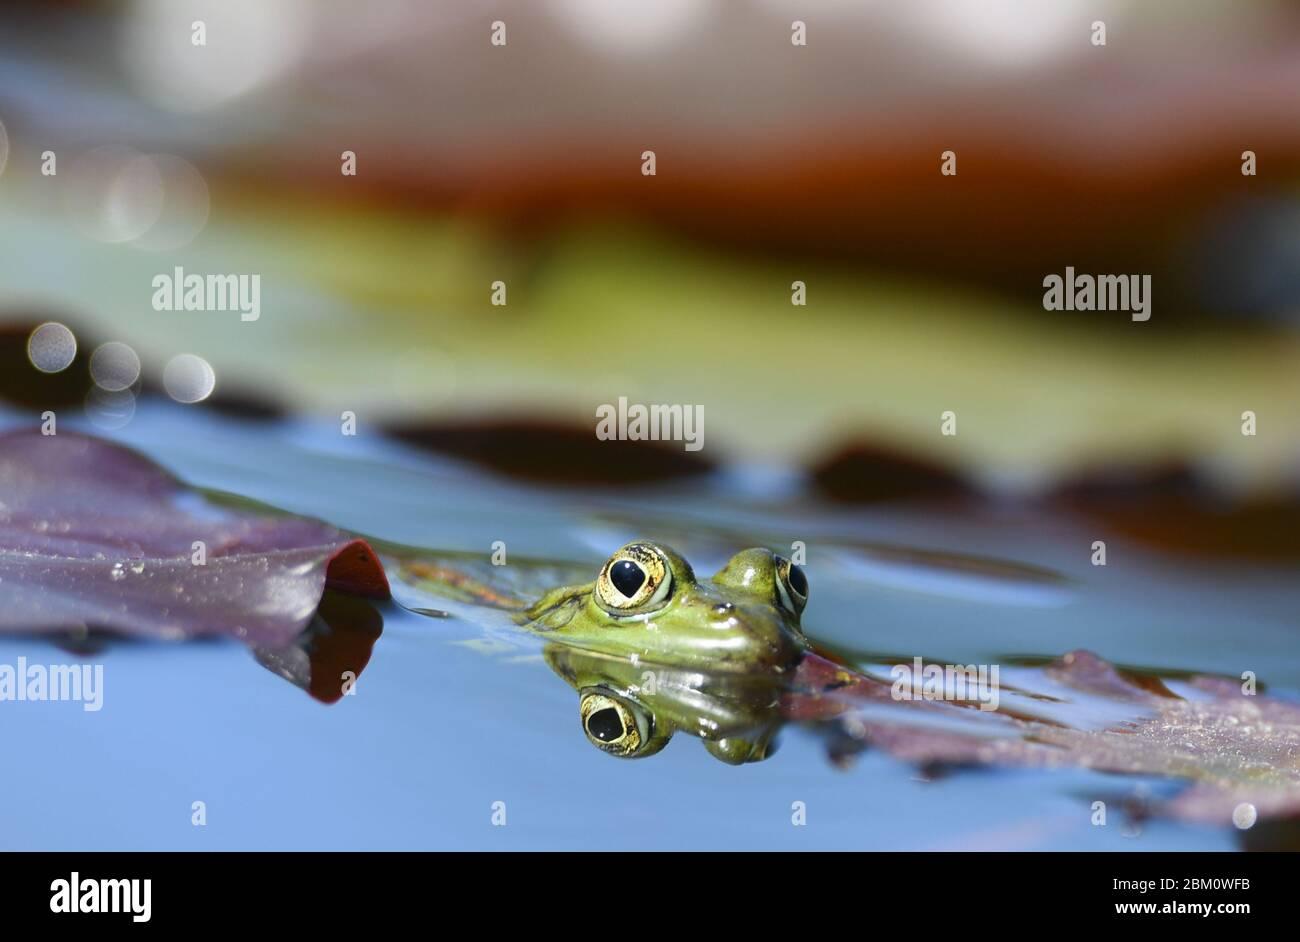 06 de mayo de 2020, Hessen, Frankfurt/Main: Una rana acecha en el estanque de nenúfares del Palmengarten de Frankfurt. Tras un cierre de poco menos de dos meses, el Palmengarten prevé reabrir su puerta el 11 de mayo de 2020, aunque según la ciudad habrá algunas especificaciones. Foto: Arne Dedert/dpa Foto de stock